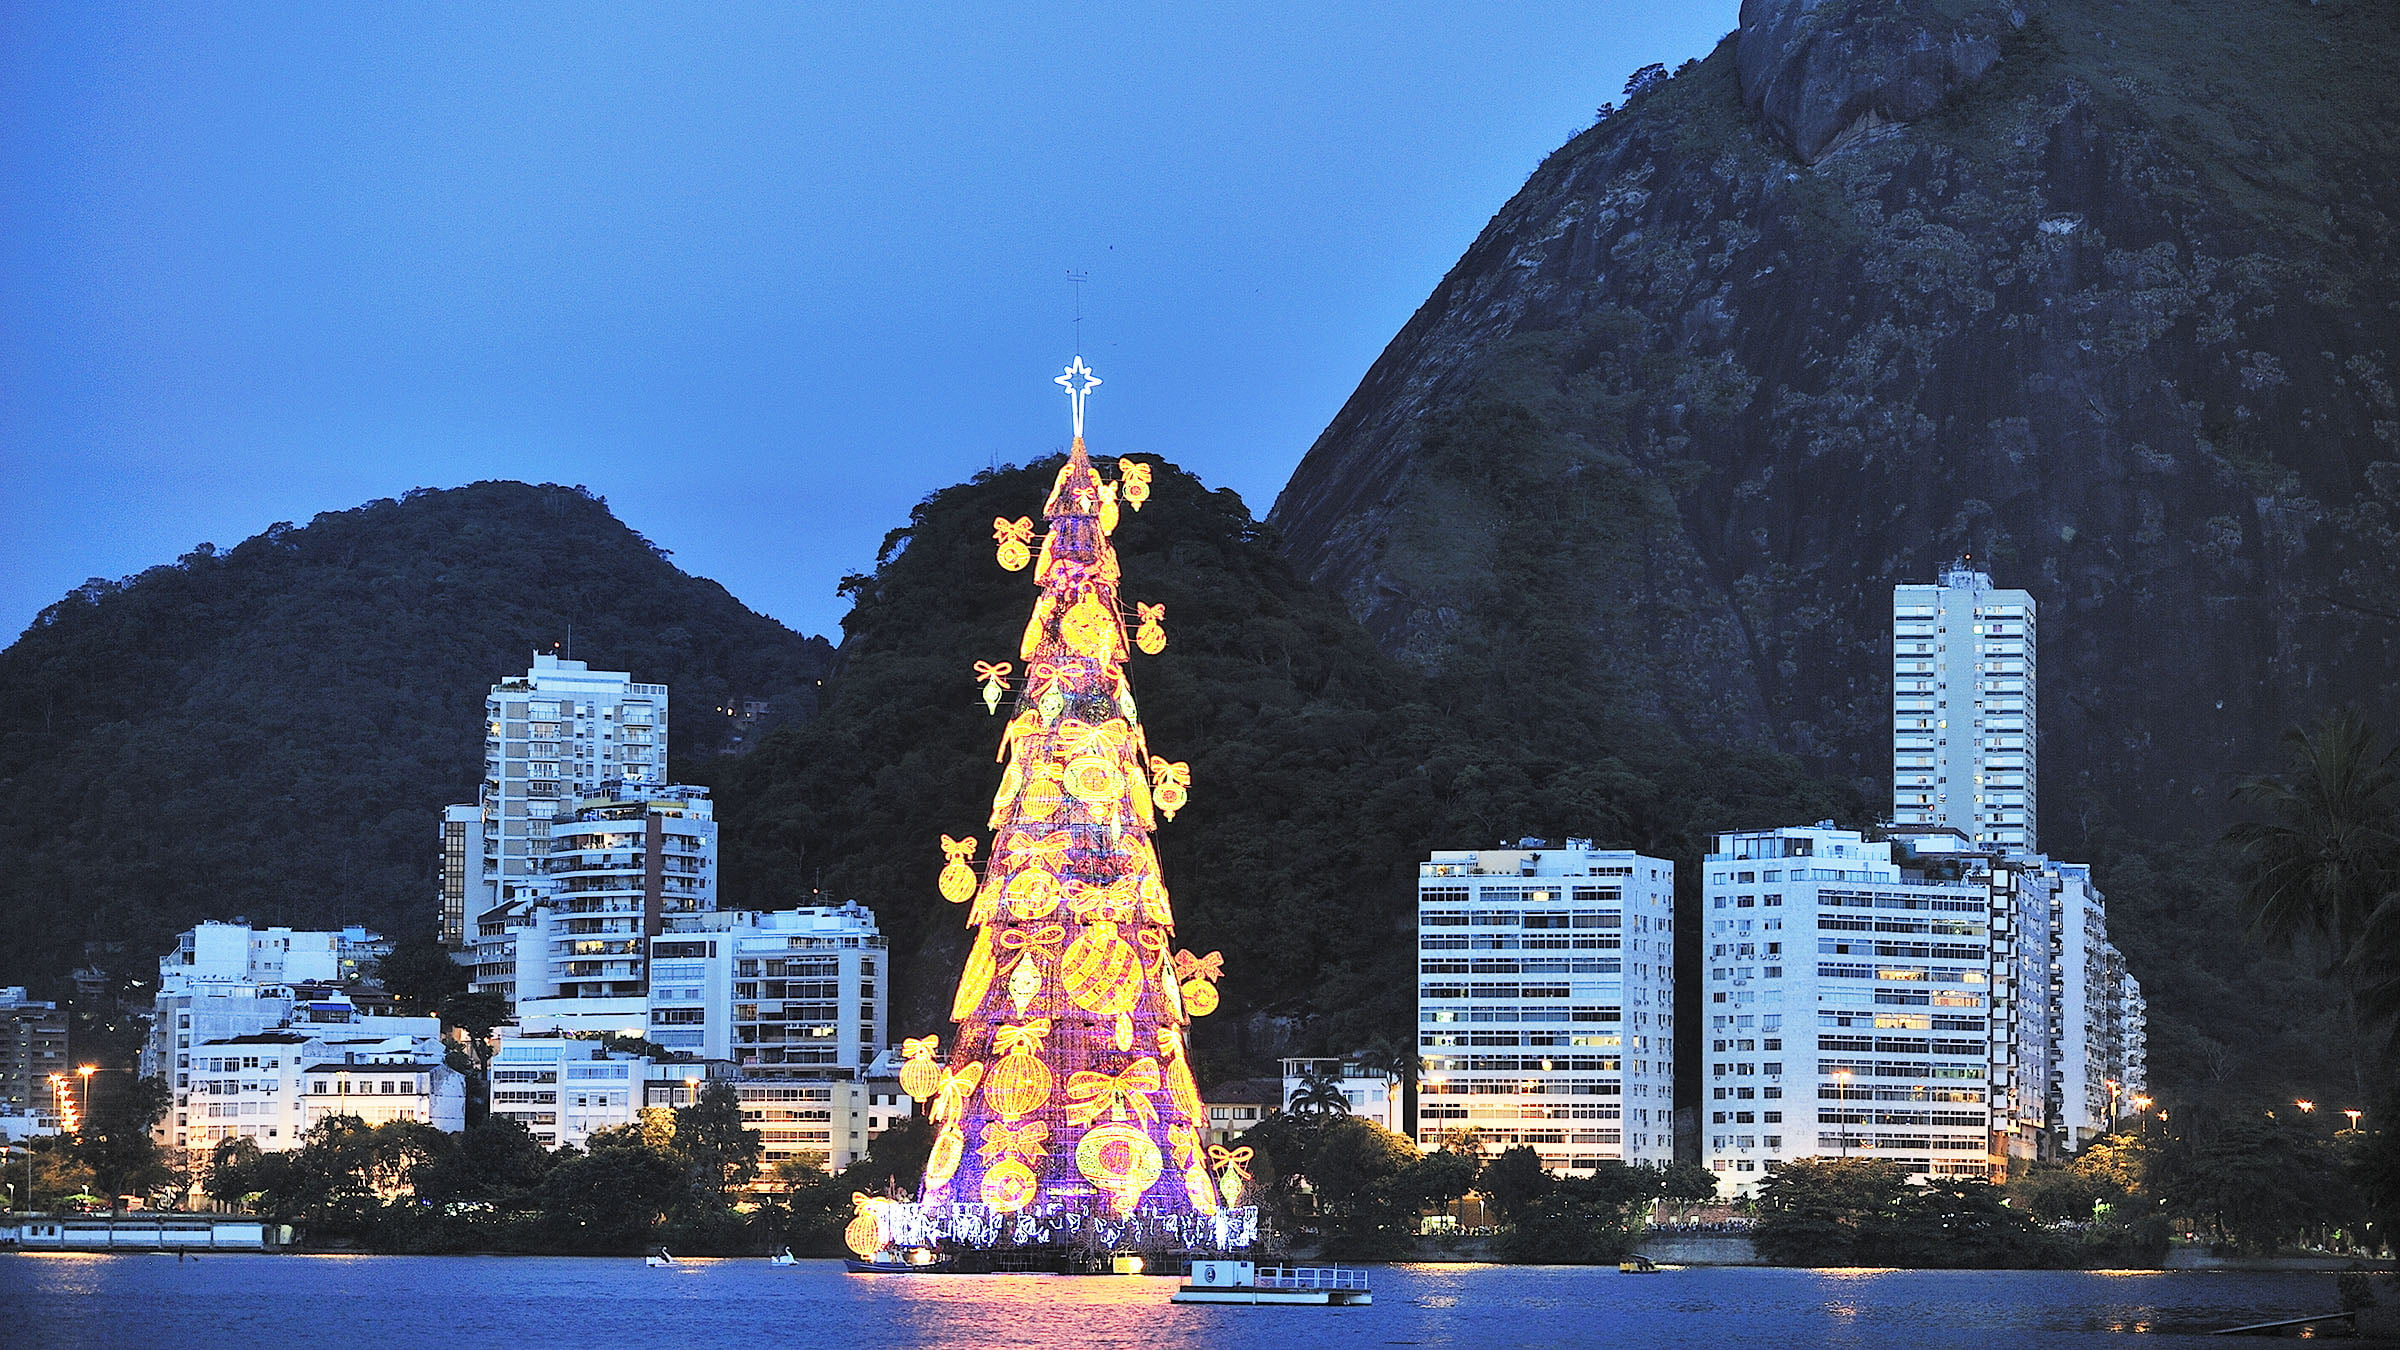 Fotos De Navidad En Brasil.Arbol De Navidad Flotante En Rio De Janeiro Brasil